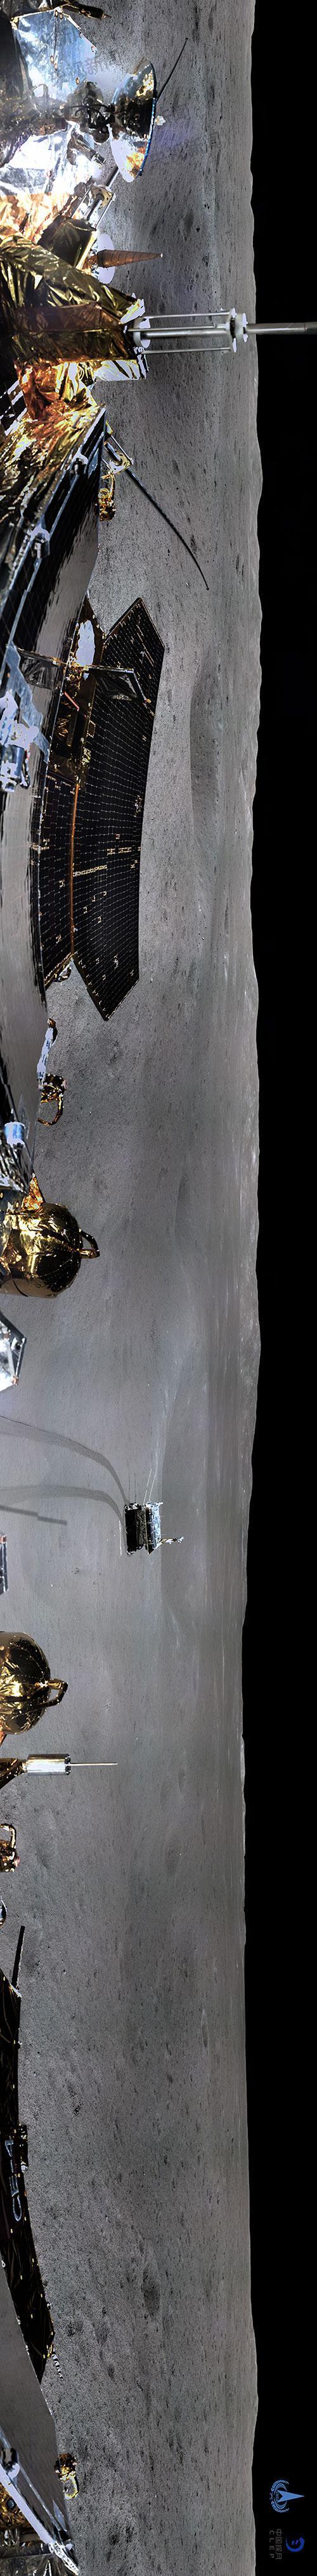 终于真相了?月球背面全景图是怎么回事?360度环拍真相还原月球全景